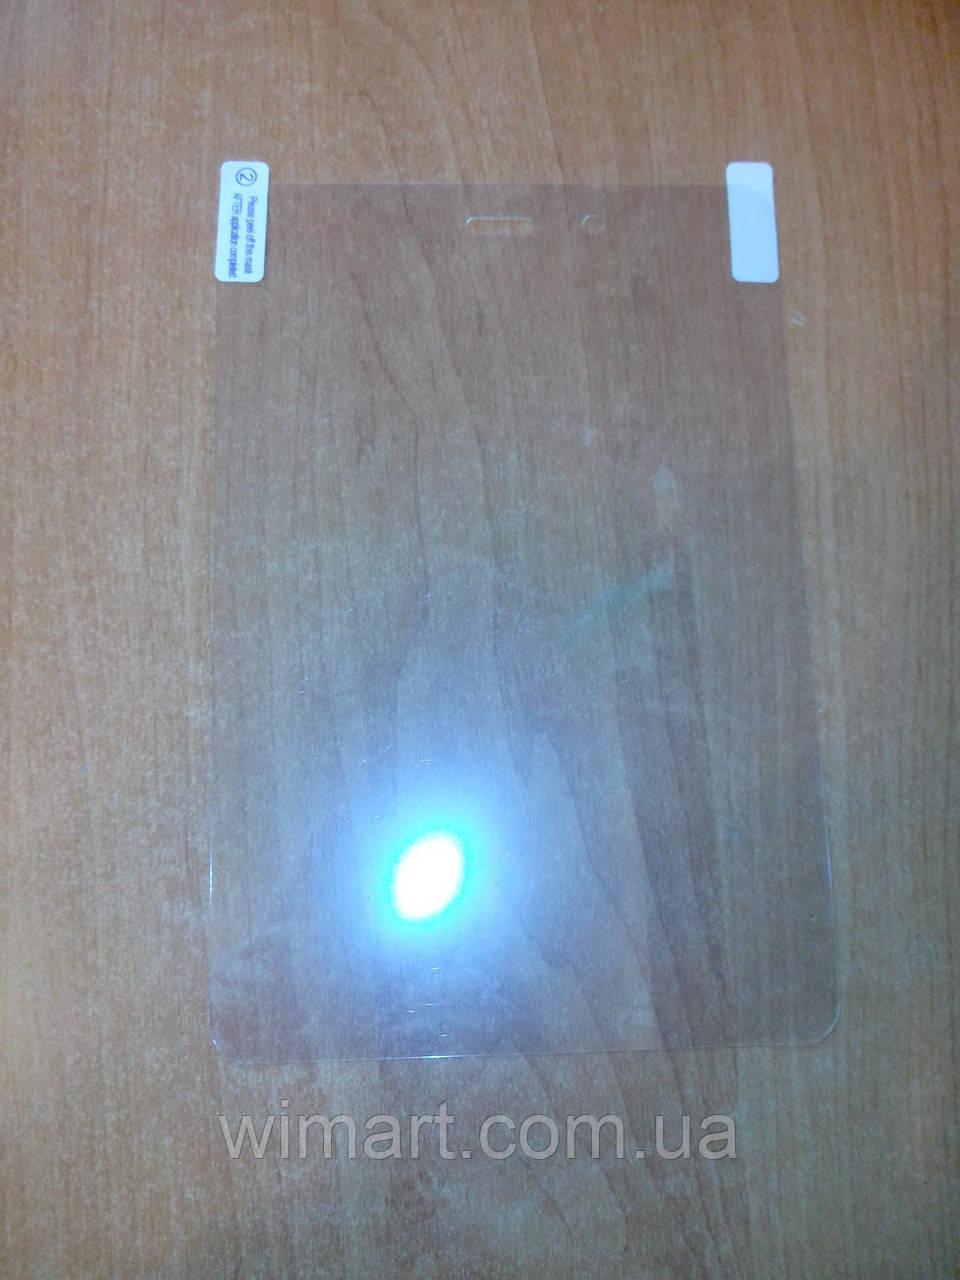 Защитная плёнка CUBE T9